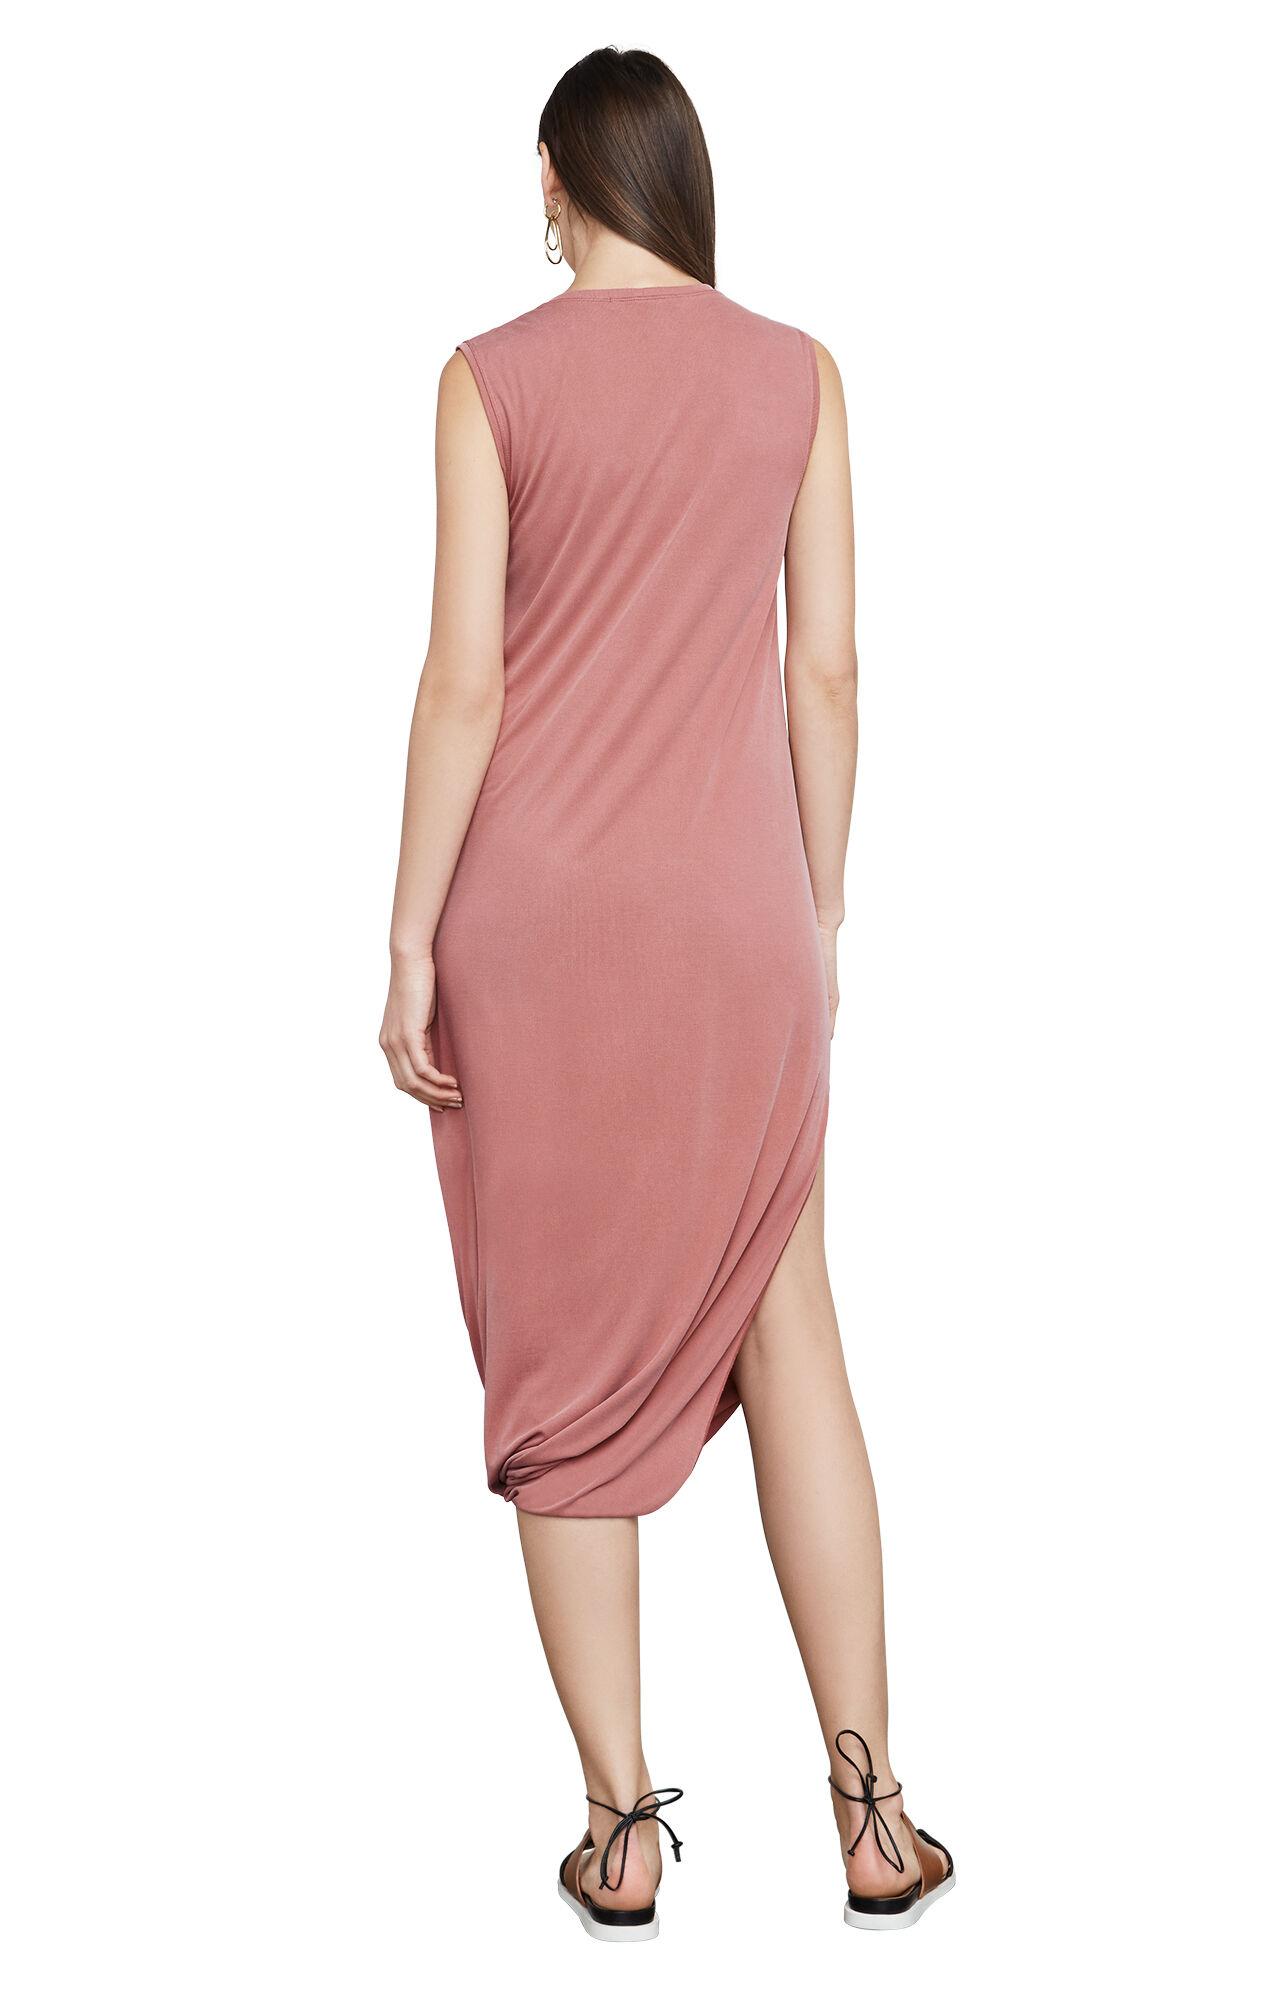 Bre Asymmetrical Knit Dress